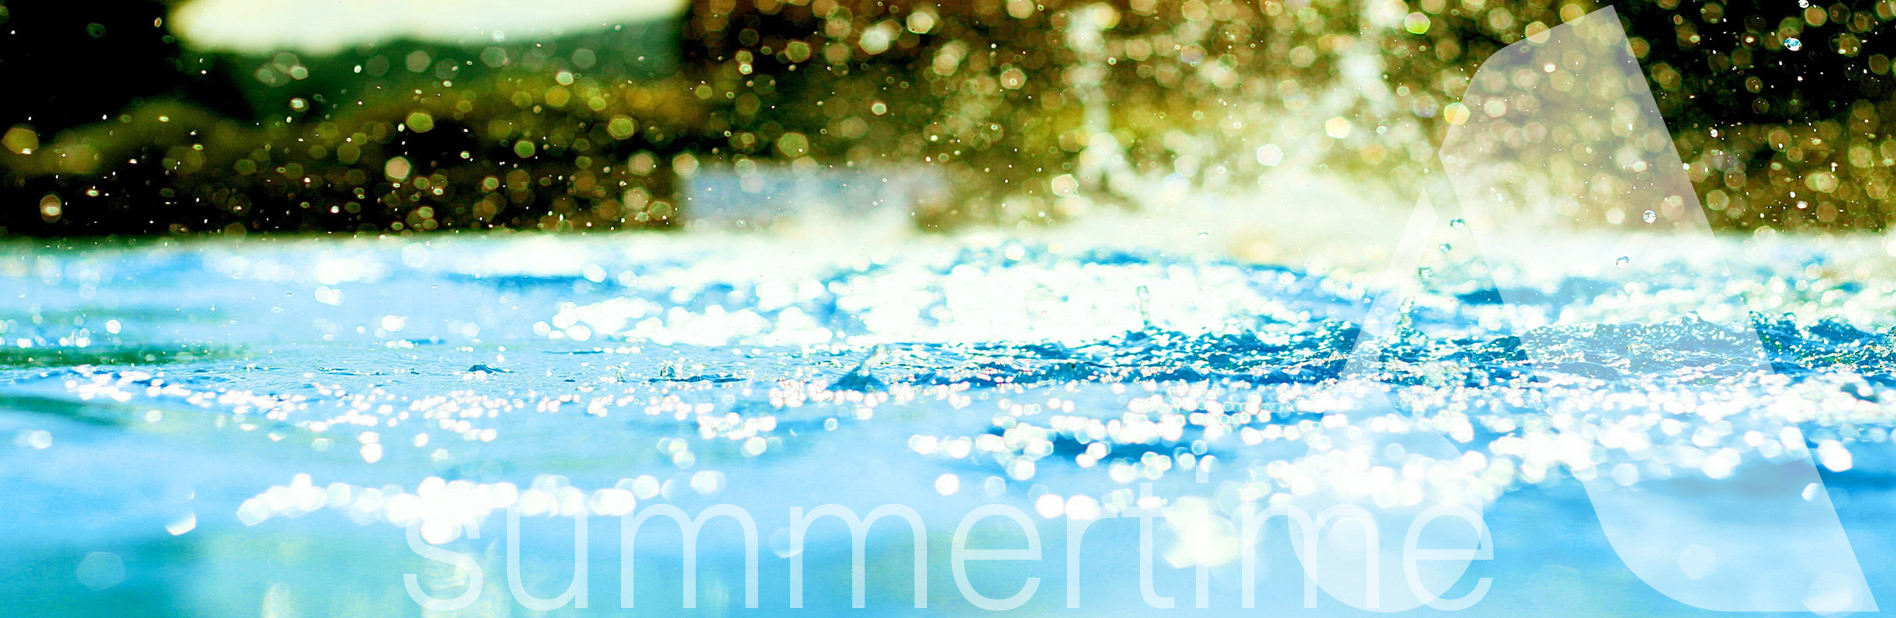 Summertime_B1